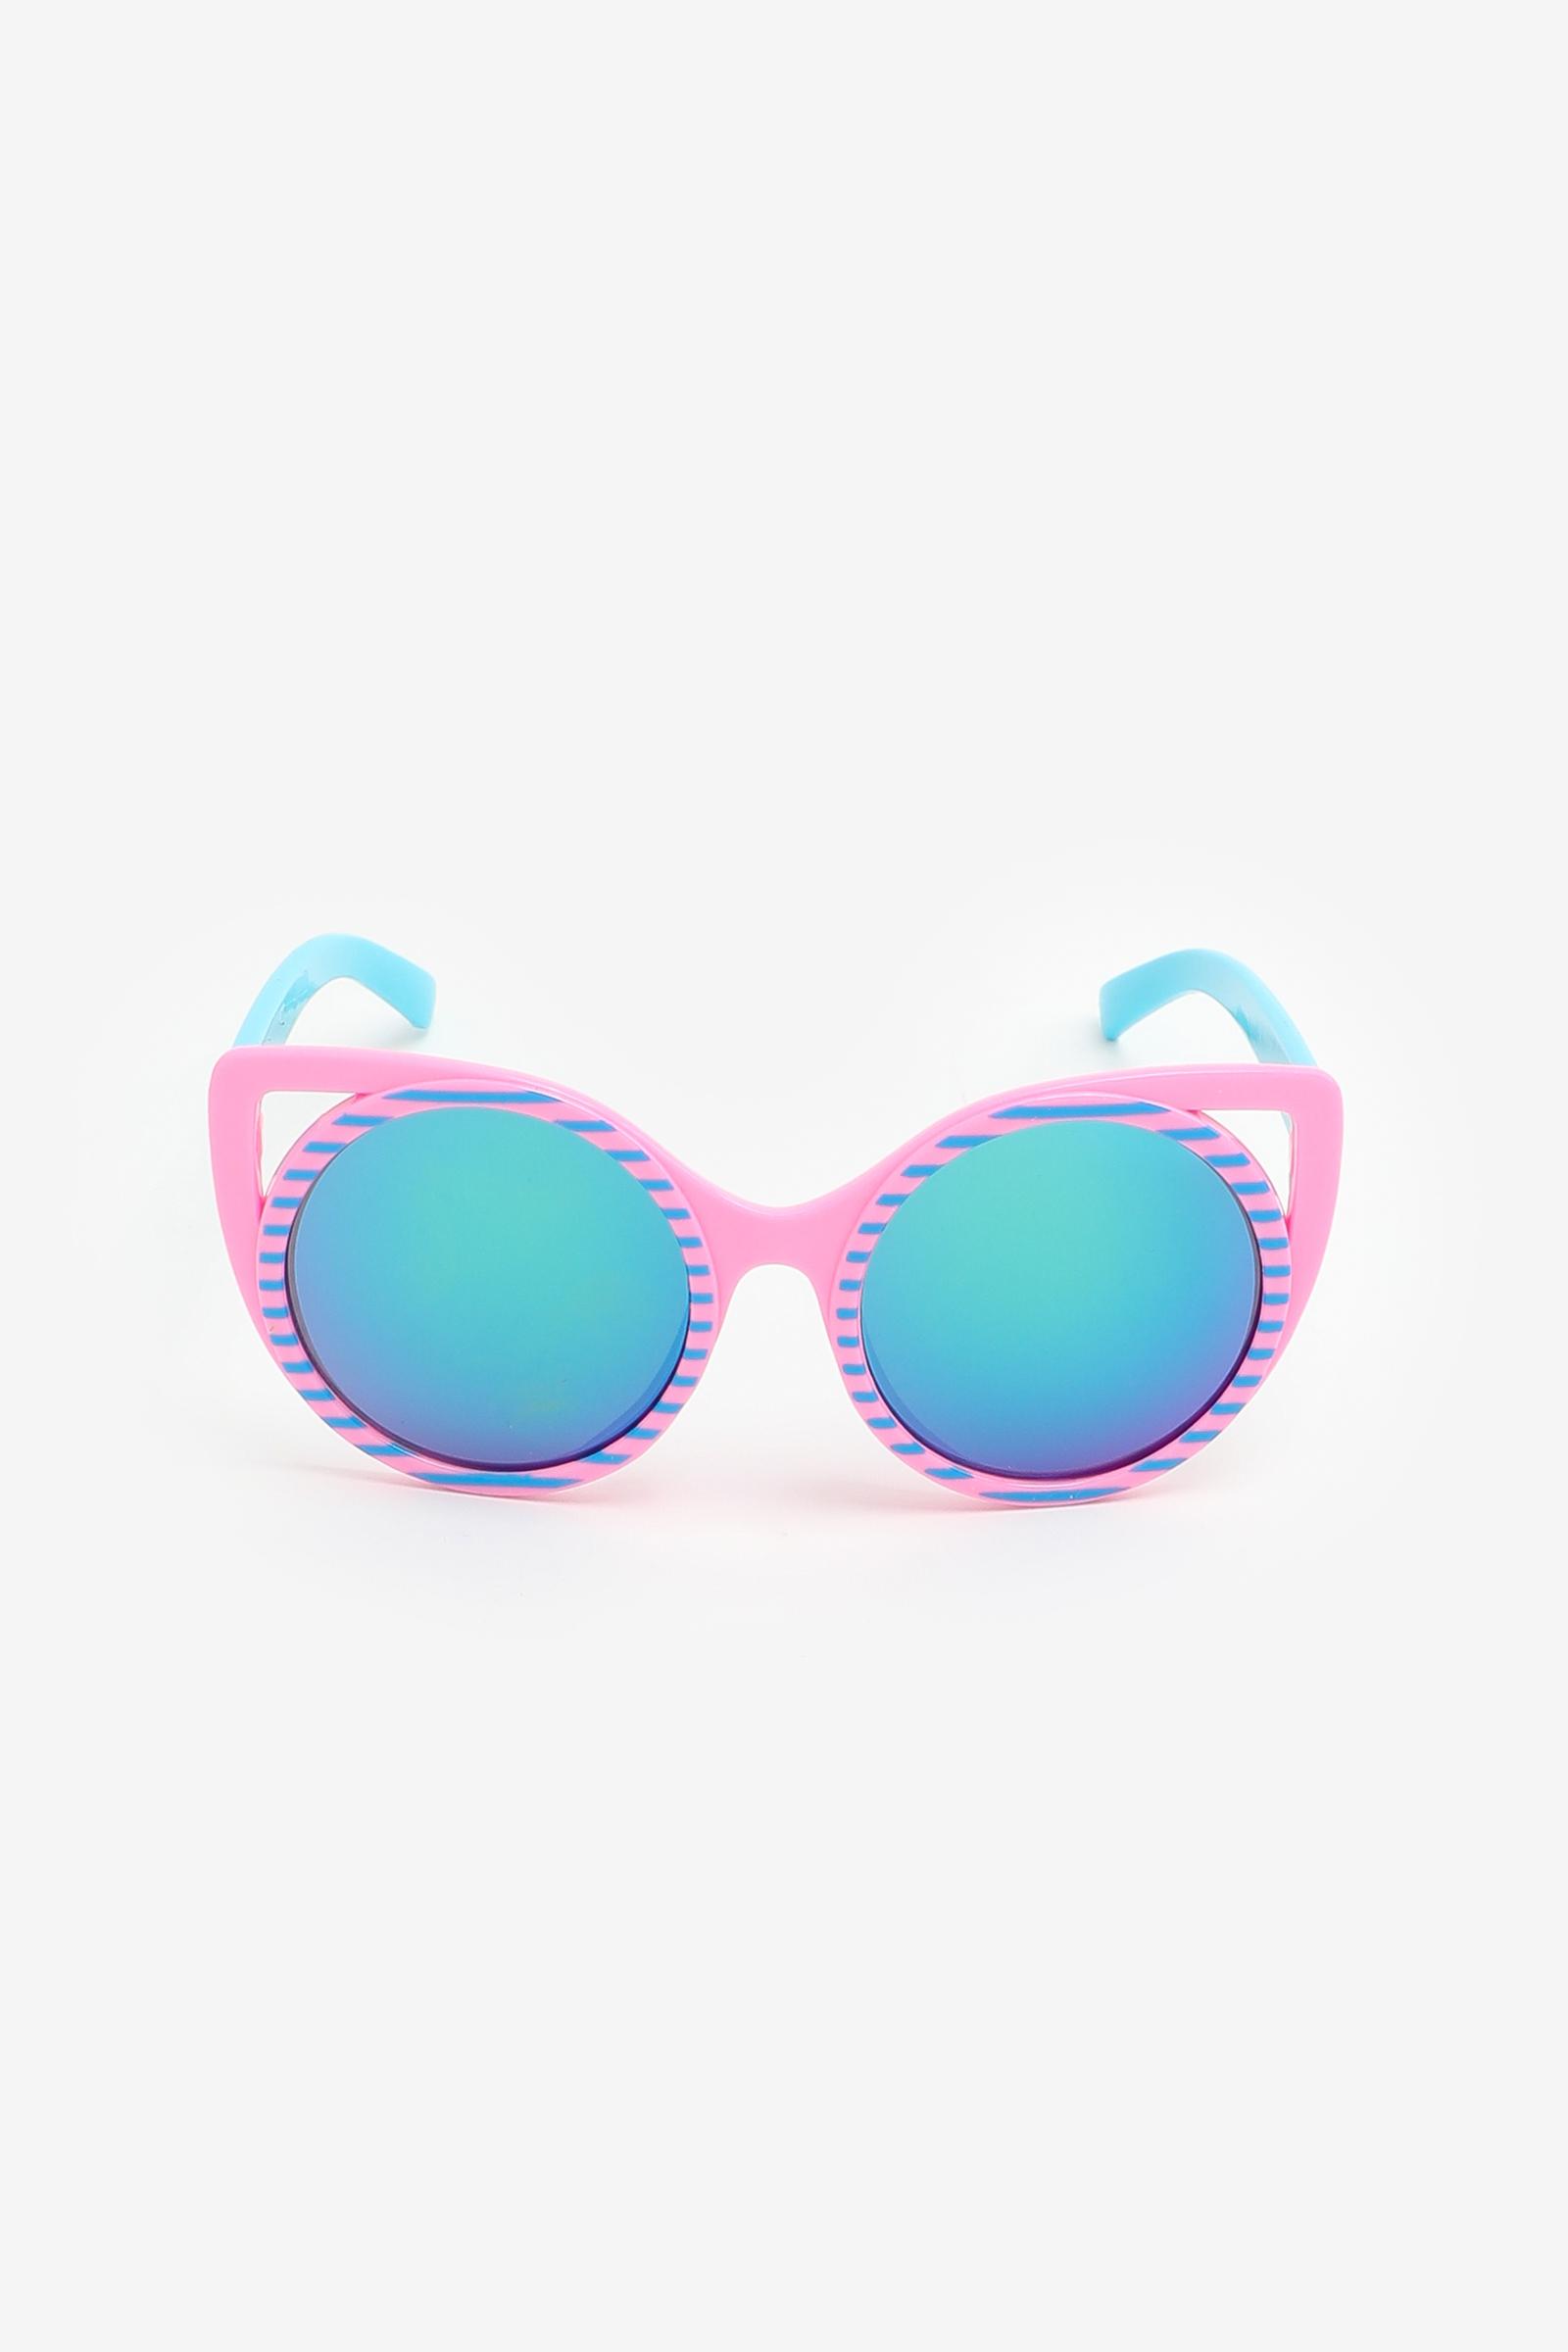 Cat Eye Sunglasses for Kids